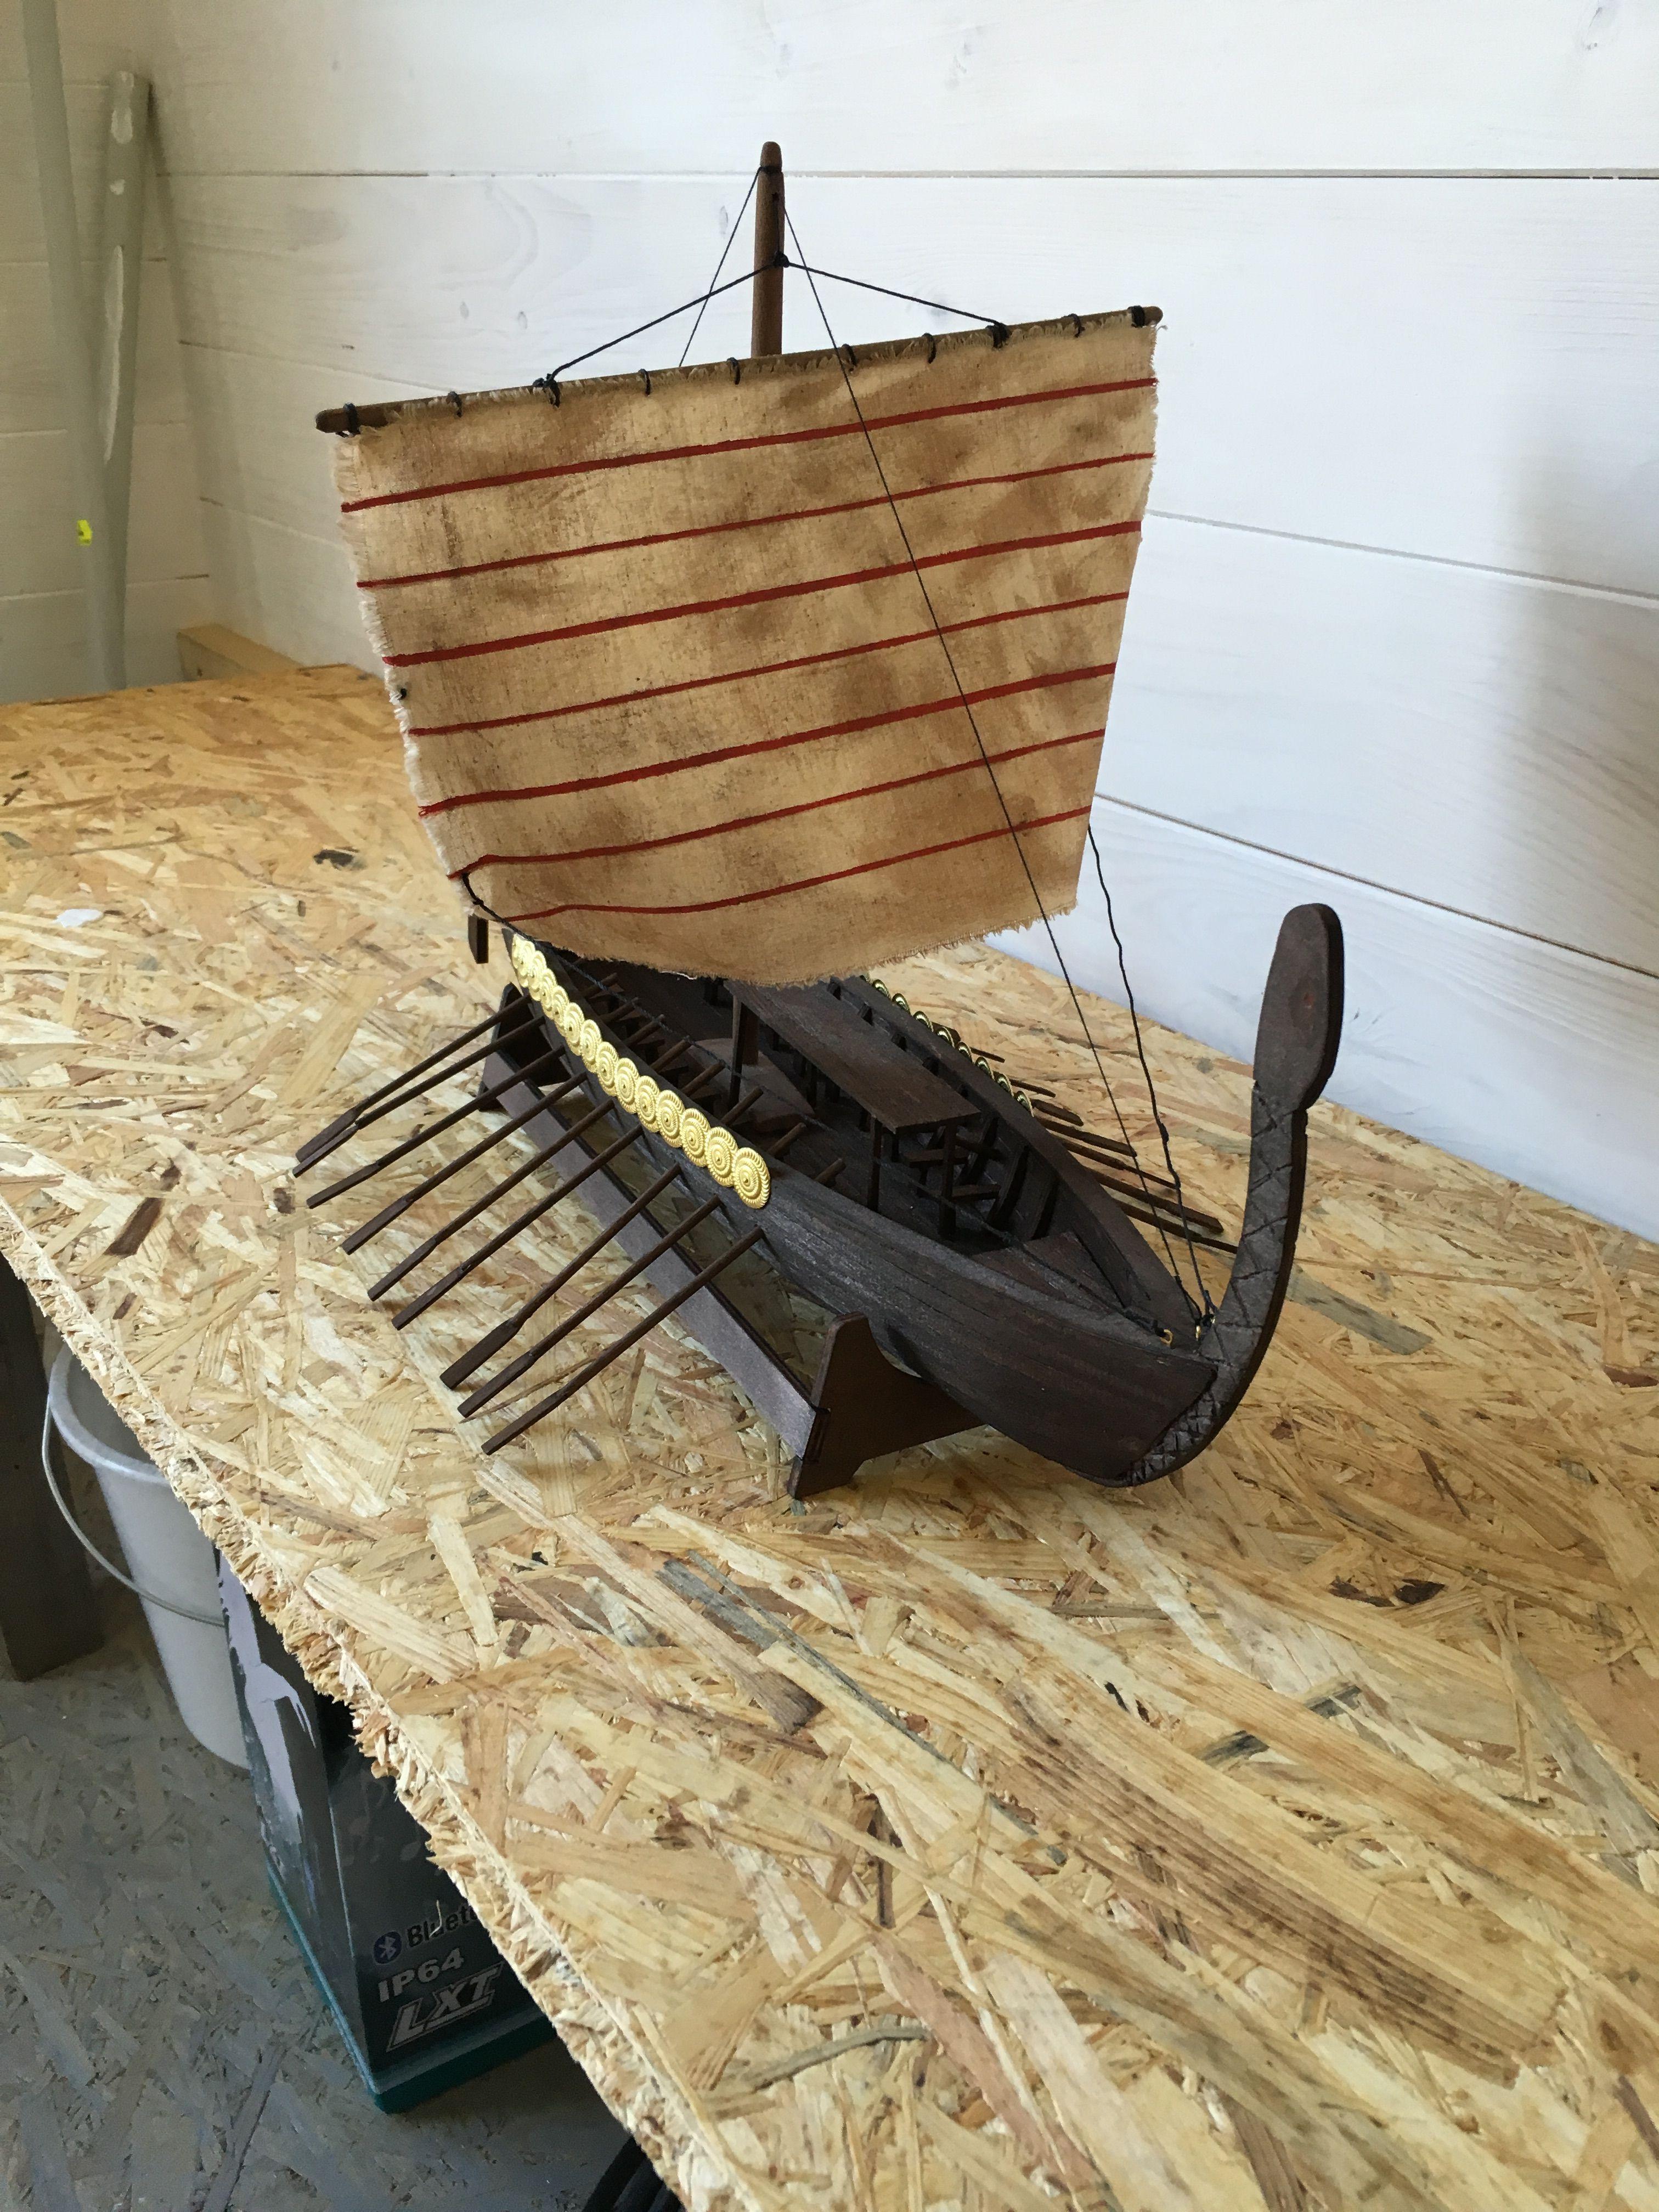 mein erstes selbstgebautes holzschiff | корабли макеты | pinterest